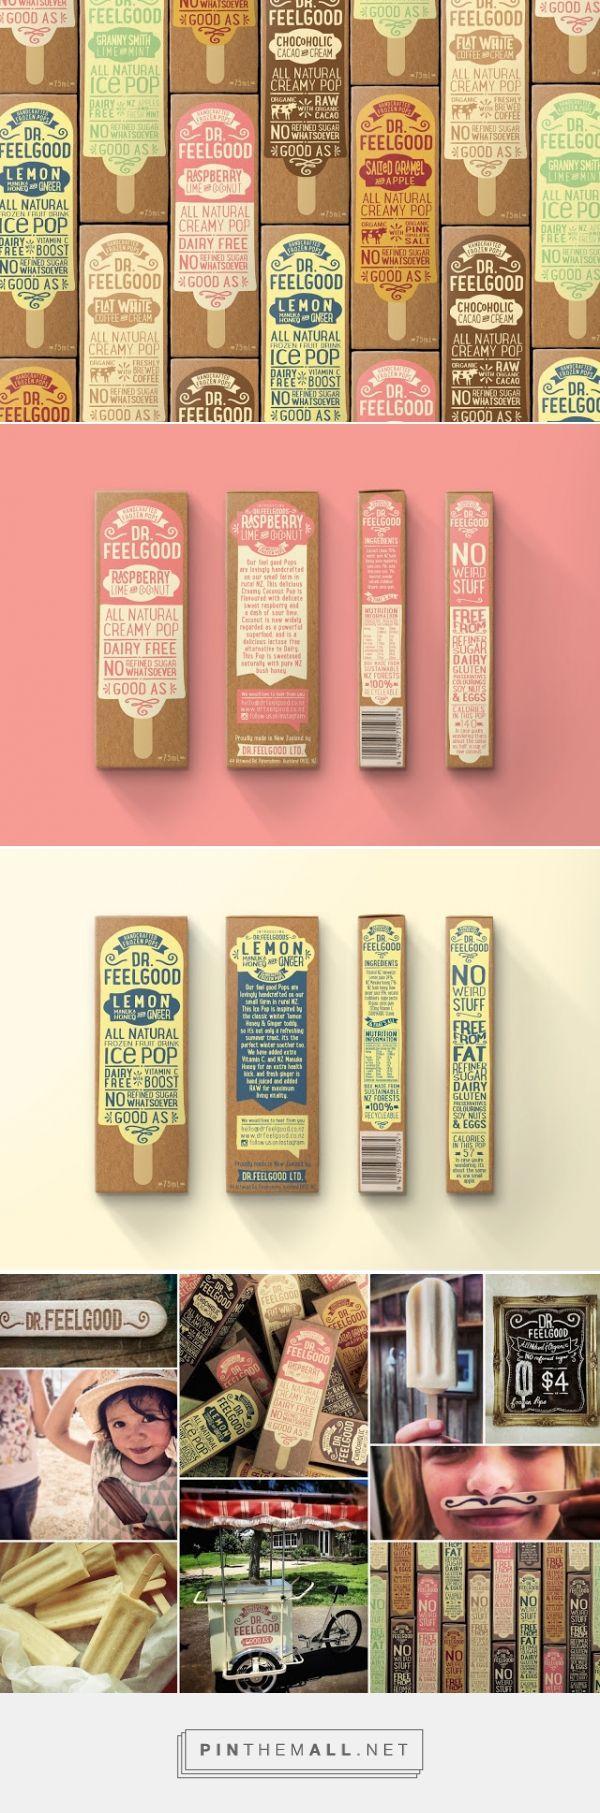 Dr Feelgood #IcePops #packaging designed by Brandwagon - http://www.packagingoftheworld.com/2015/09/dr-feelgood-ice-pops.html